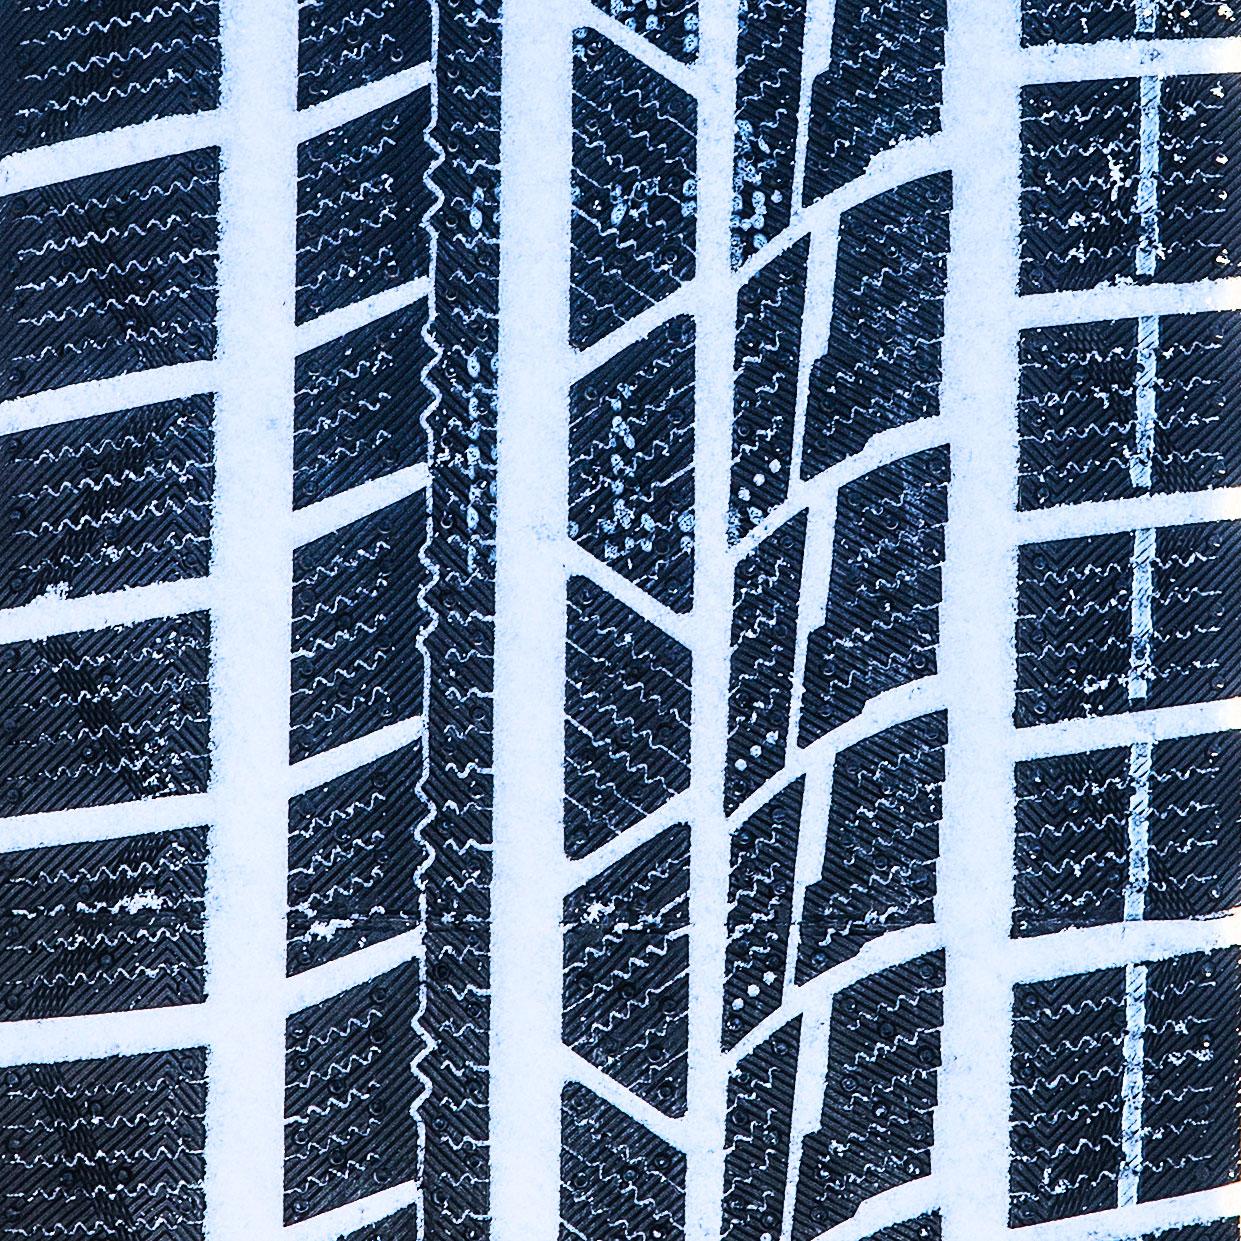 Test av friktionsdäck 2020: Här är bästa dubbfria vinterdäcket